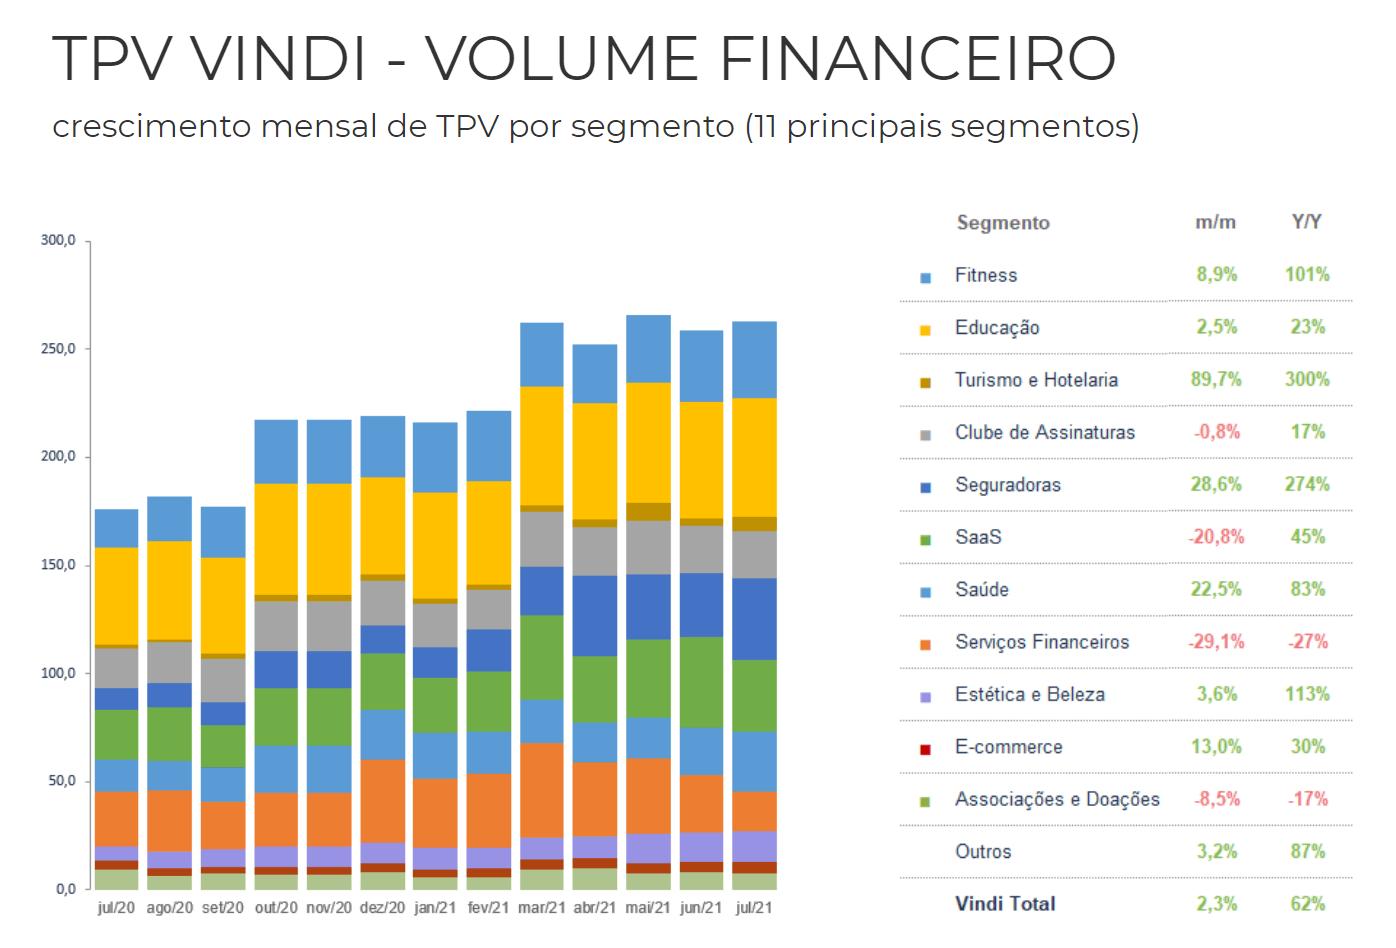 Grafico TPV Vindi - Volume financeiro. Gráfico em barras coloridas mostra o crescimento mensal de TPV por segmento (11 segmentos)